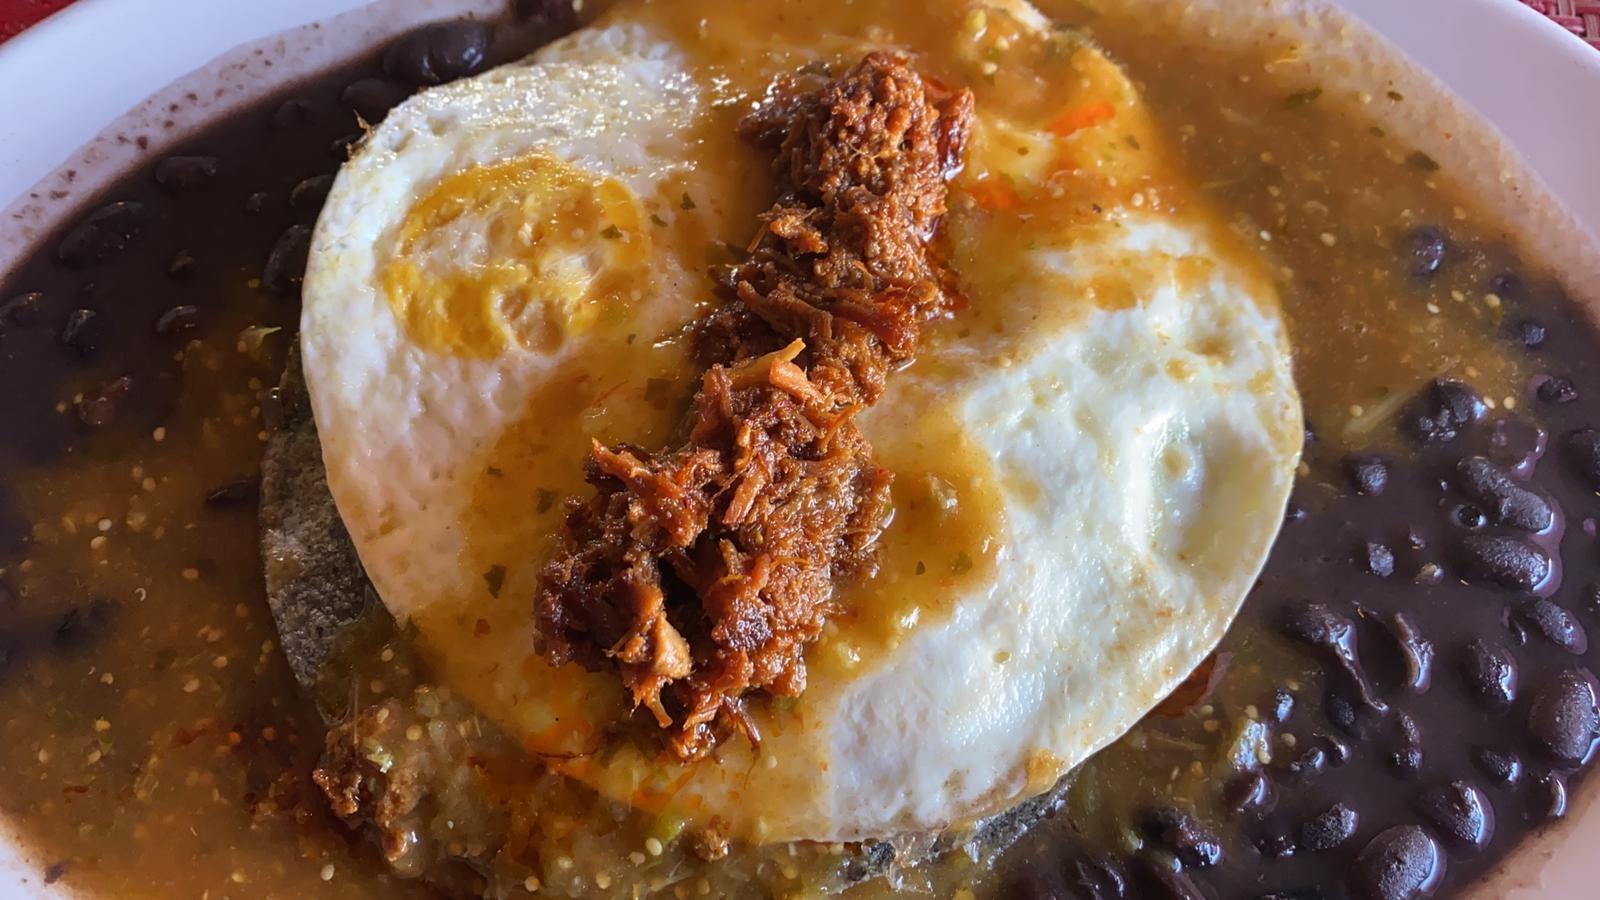 huevos desayuno sonora Luis Fernando Heras Portillo